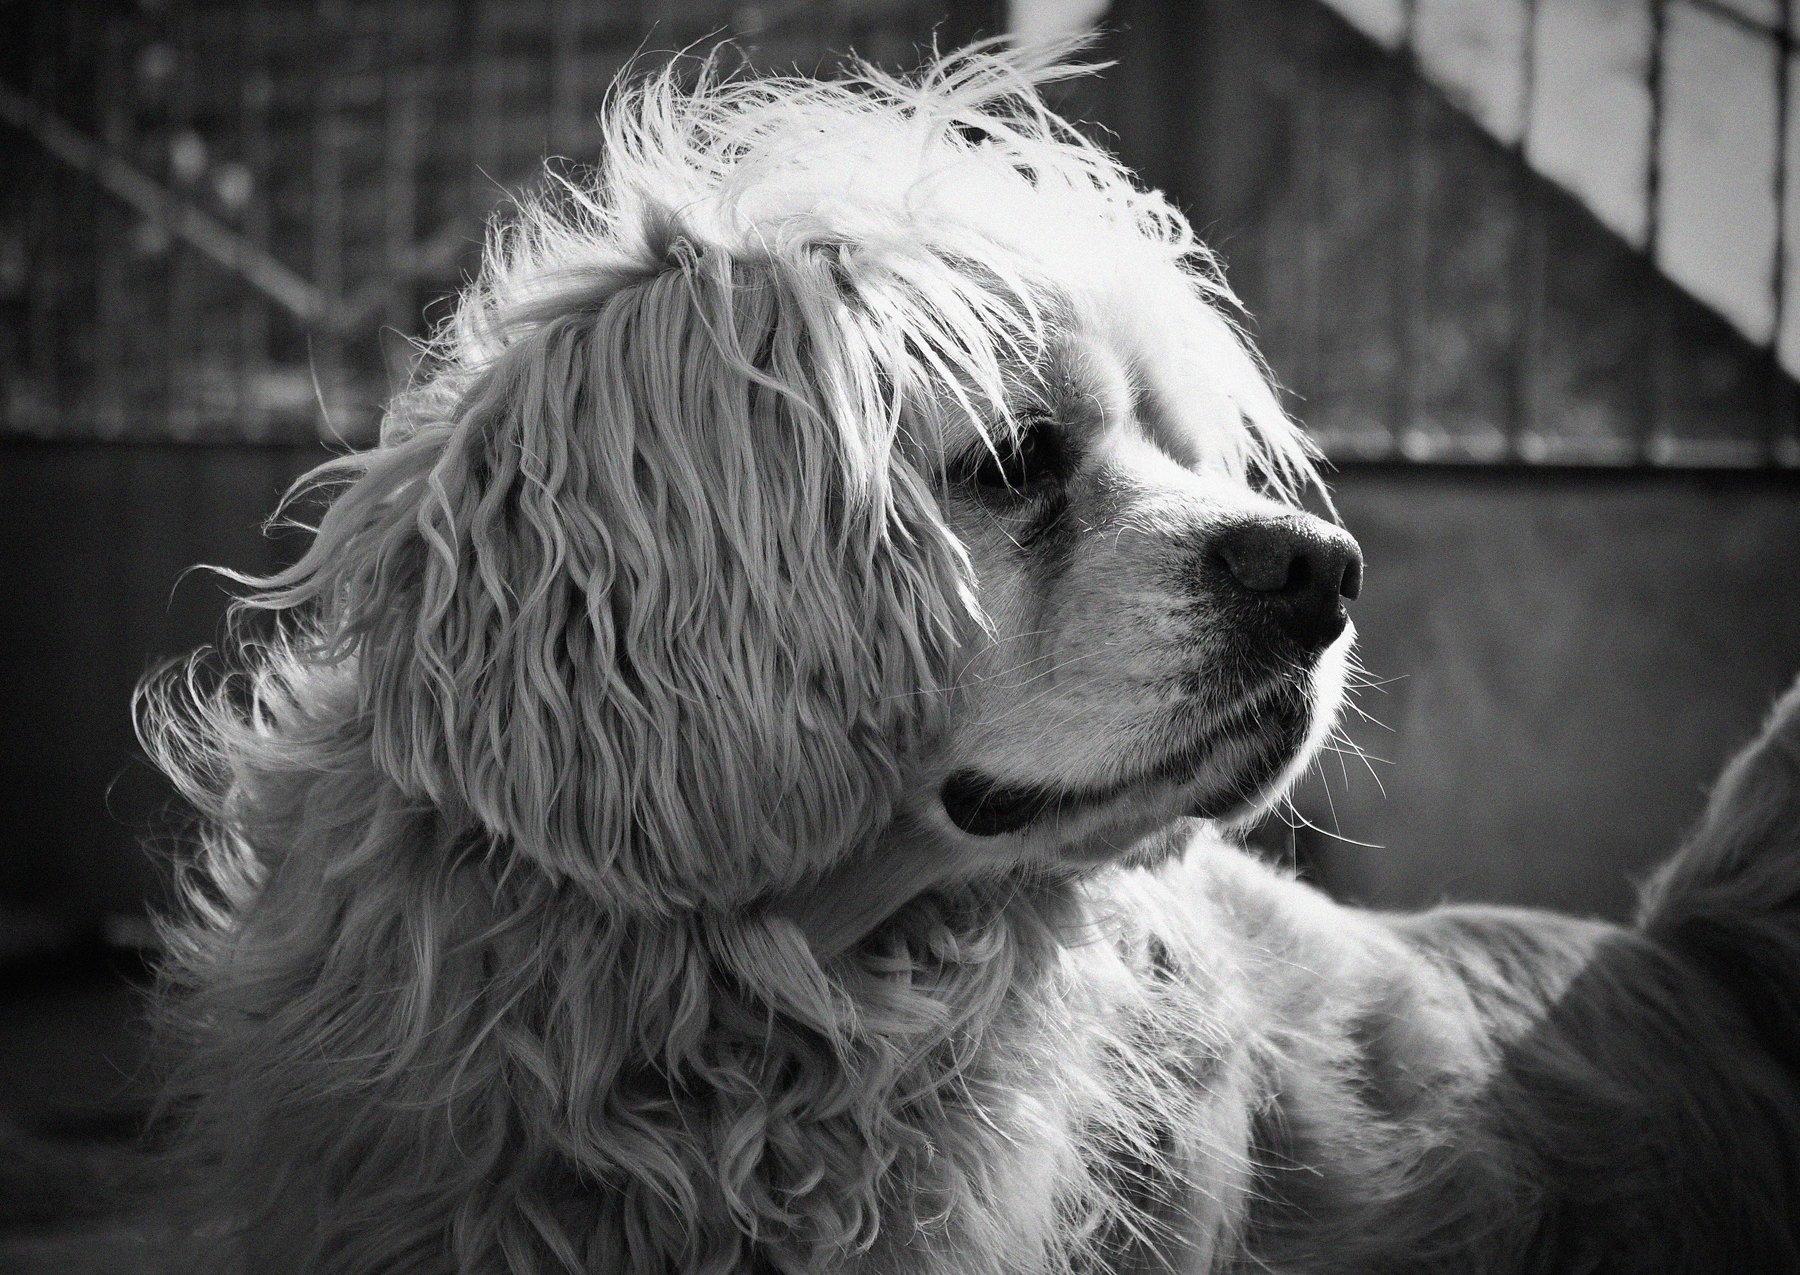 животное, пёс, собака, спаниель, собаки, Vladimir Kedrov